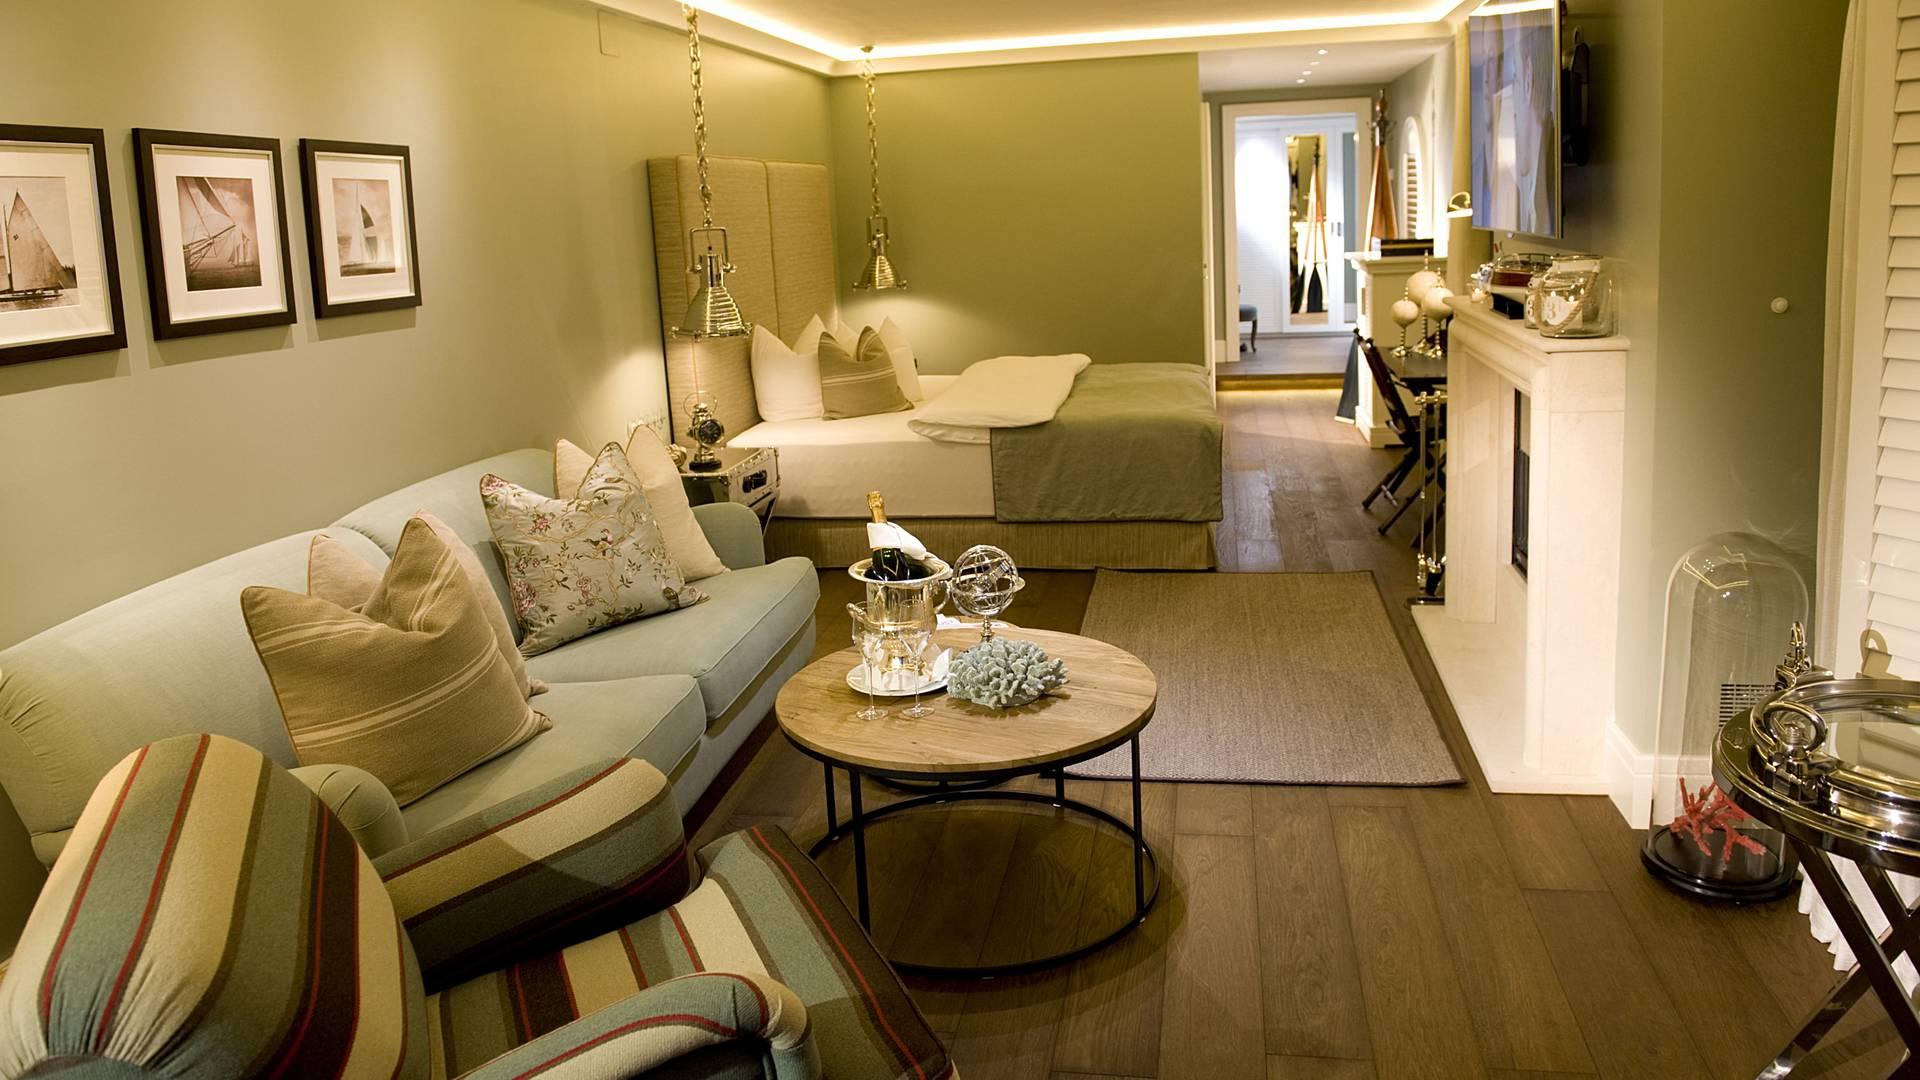 KOLLERs Hotel Bootshaus Suite Wohn Schlafraum